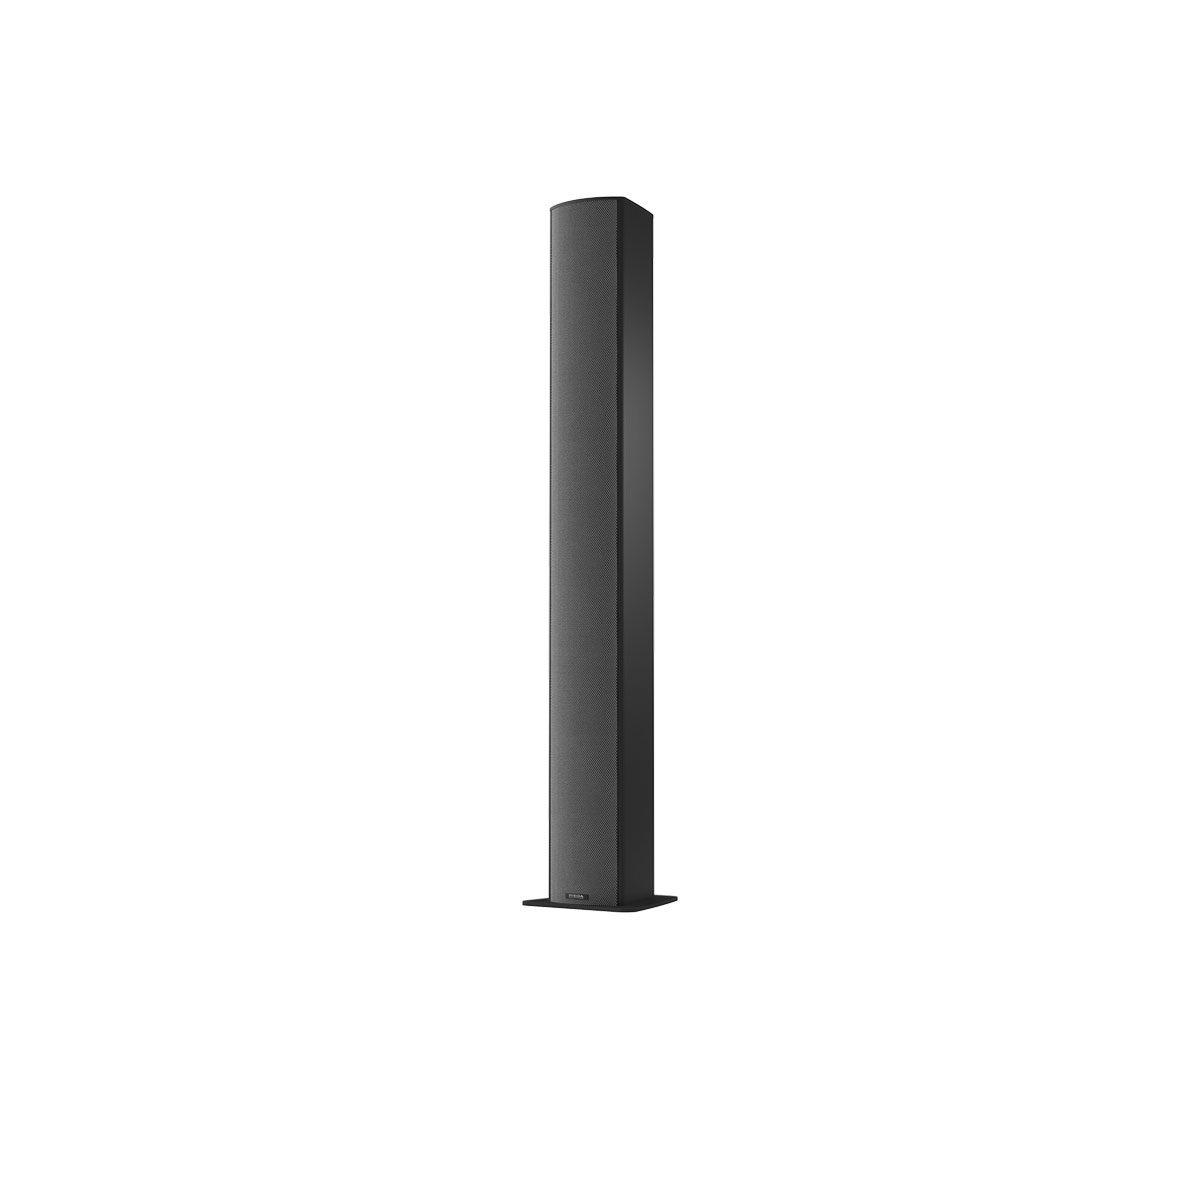 Piega-TMicro-60-AMT